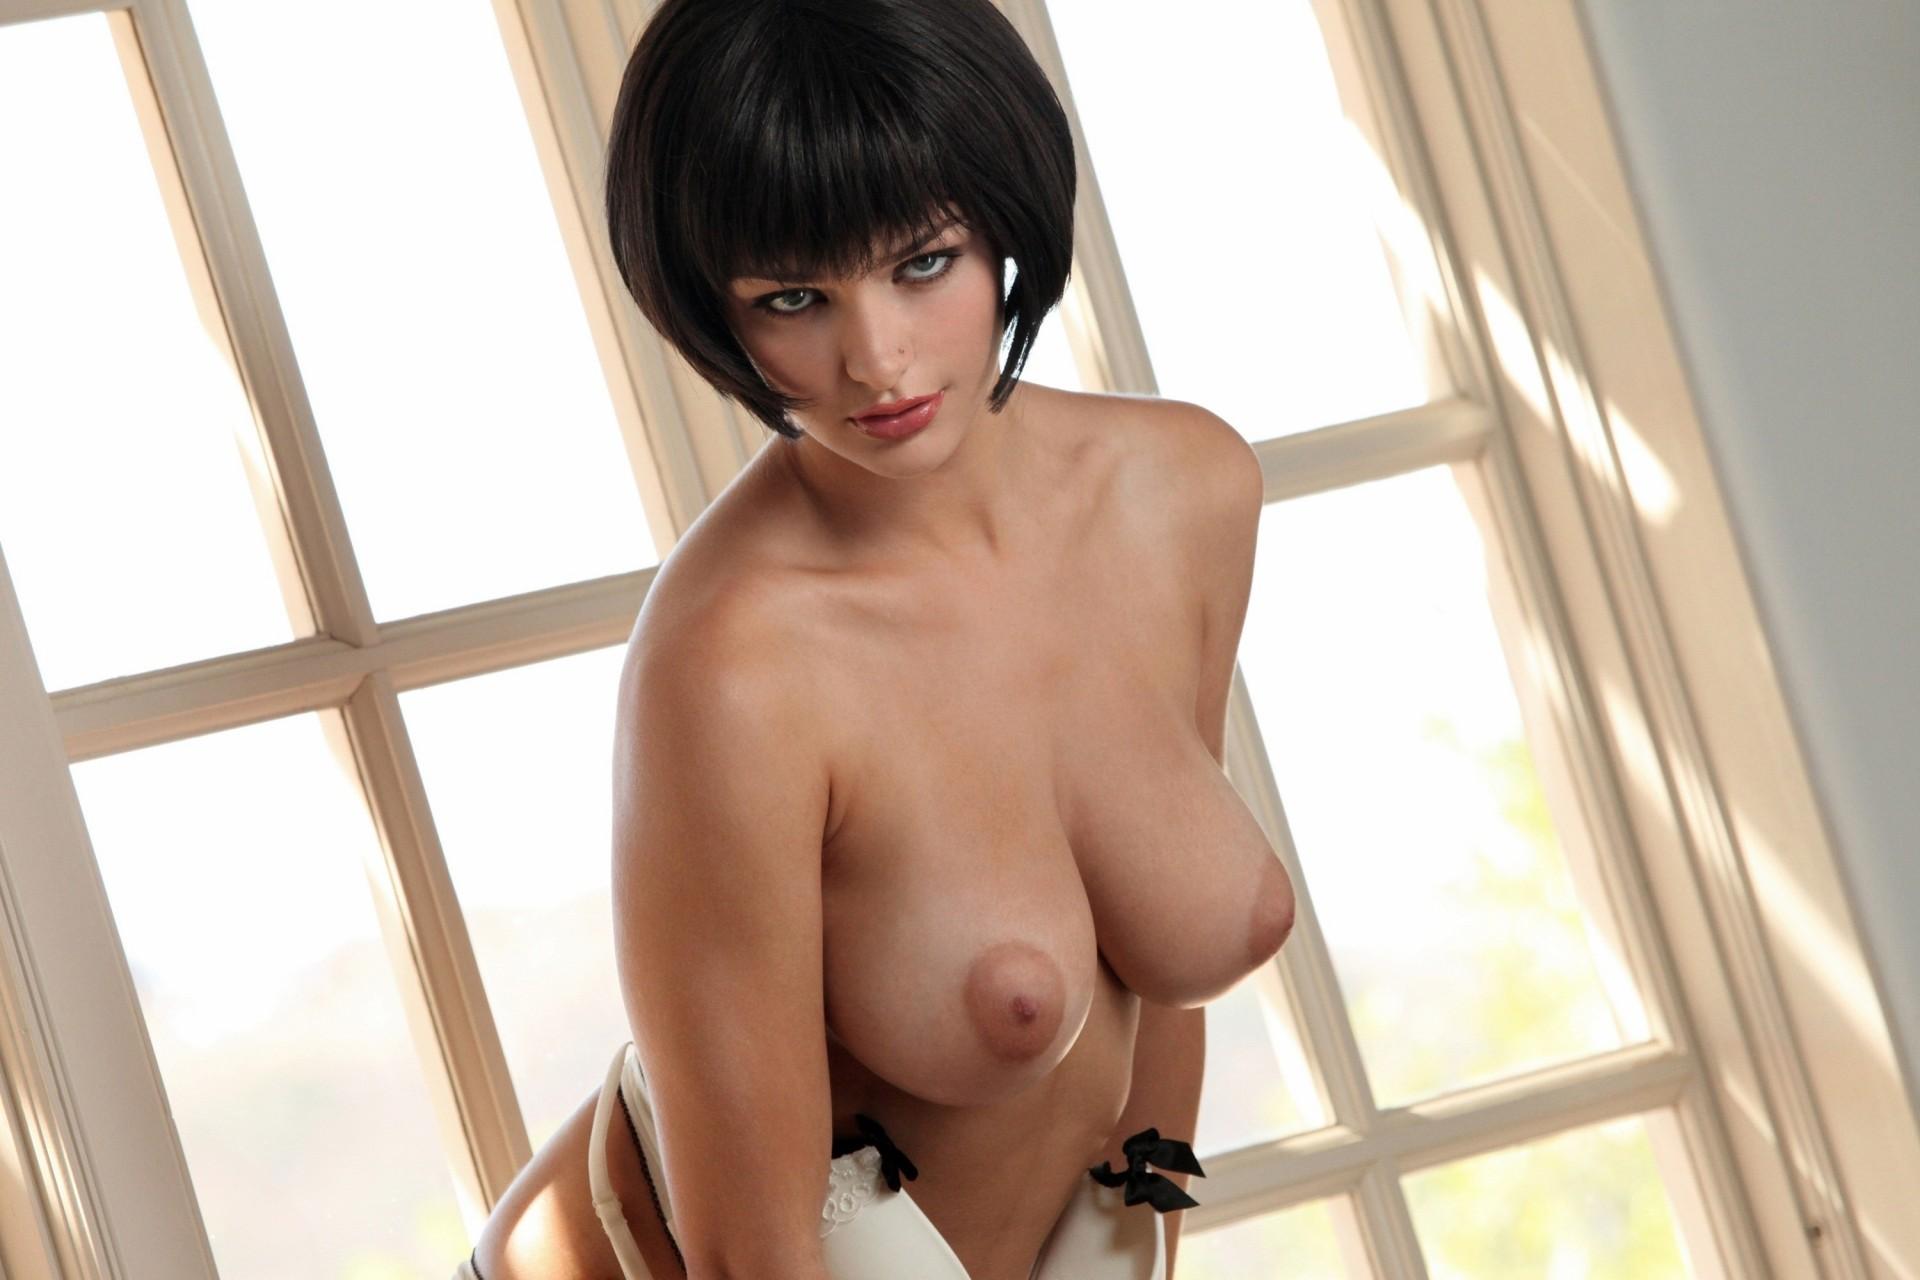 Проститутка короткая стрижка заказать индивидуалку в Тюмени ул Пригородная